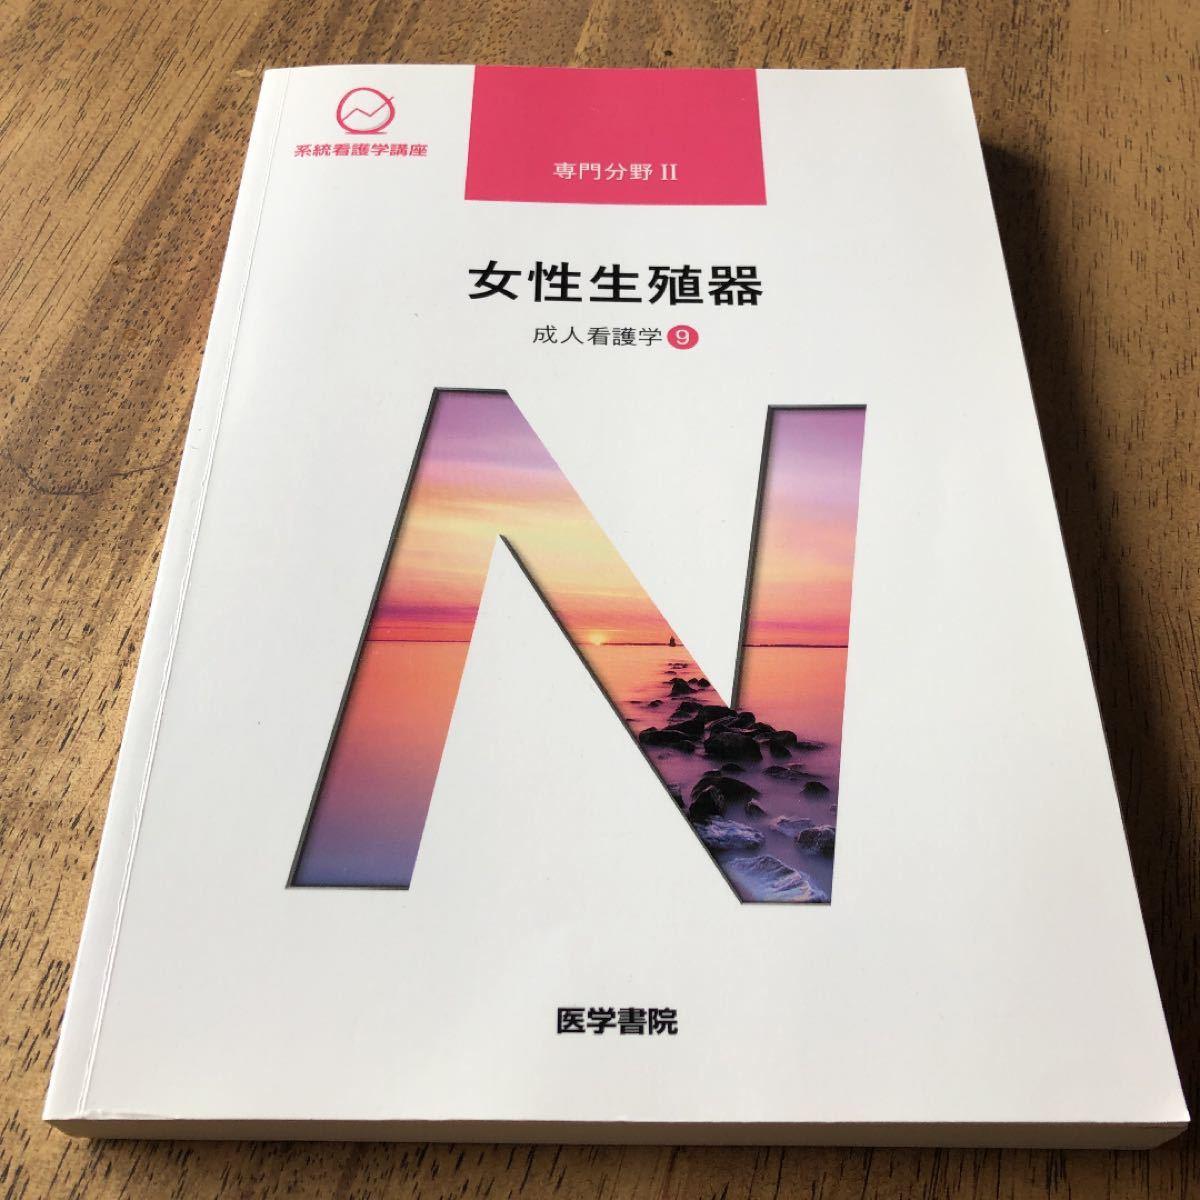 女性生殖器 第14版 成人看護学 9 系統看護学講座 専門分野II/末岡浩 (その他)